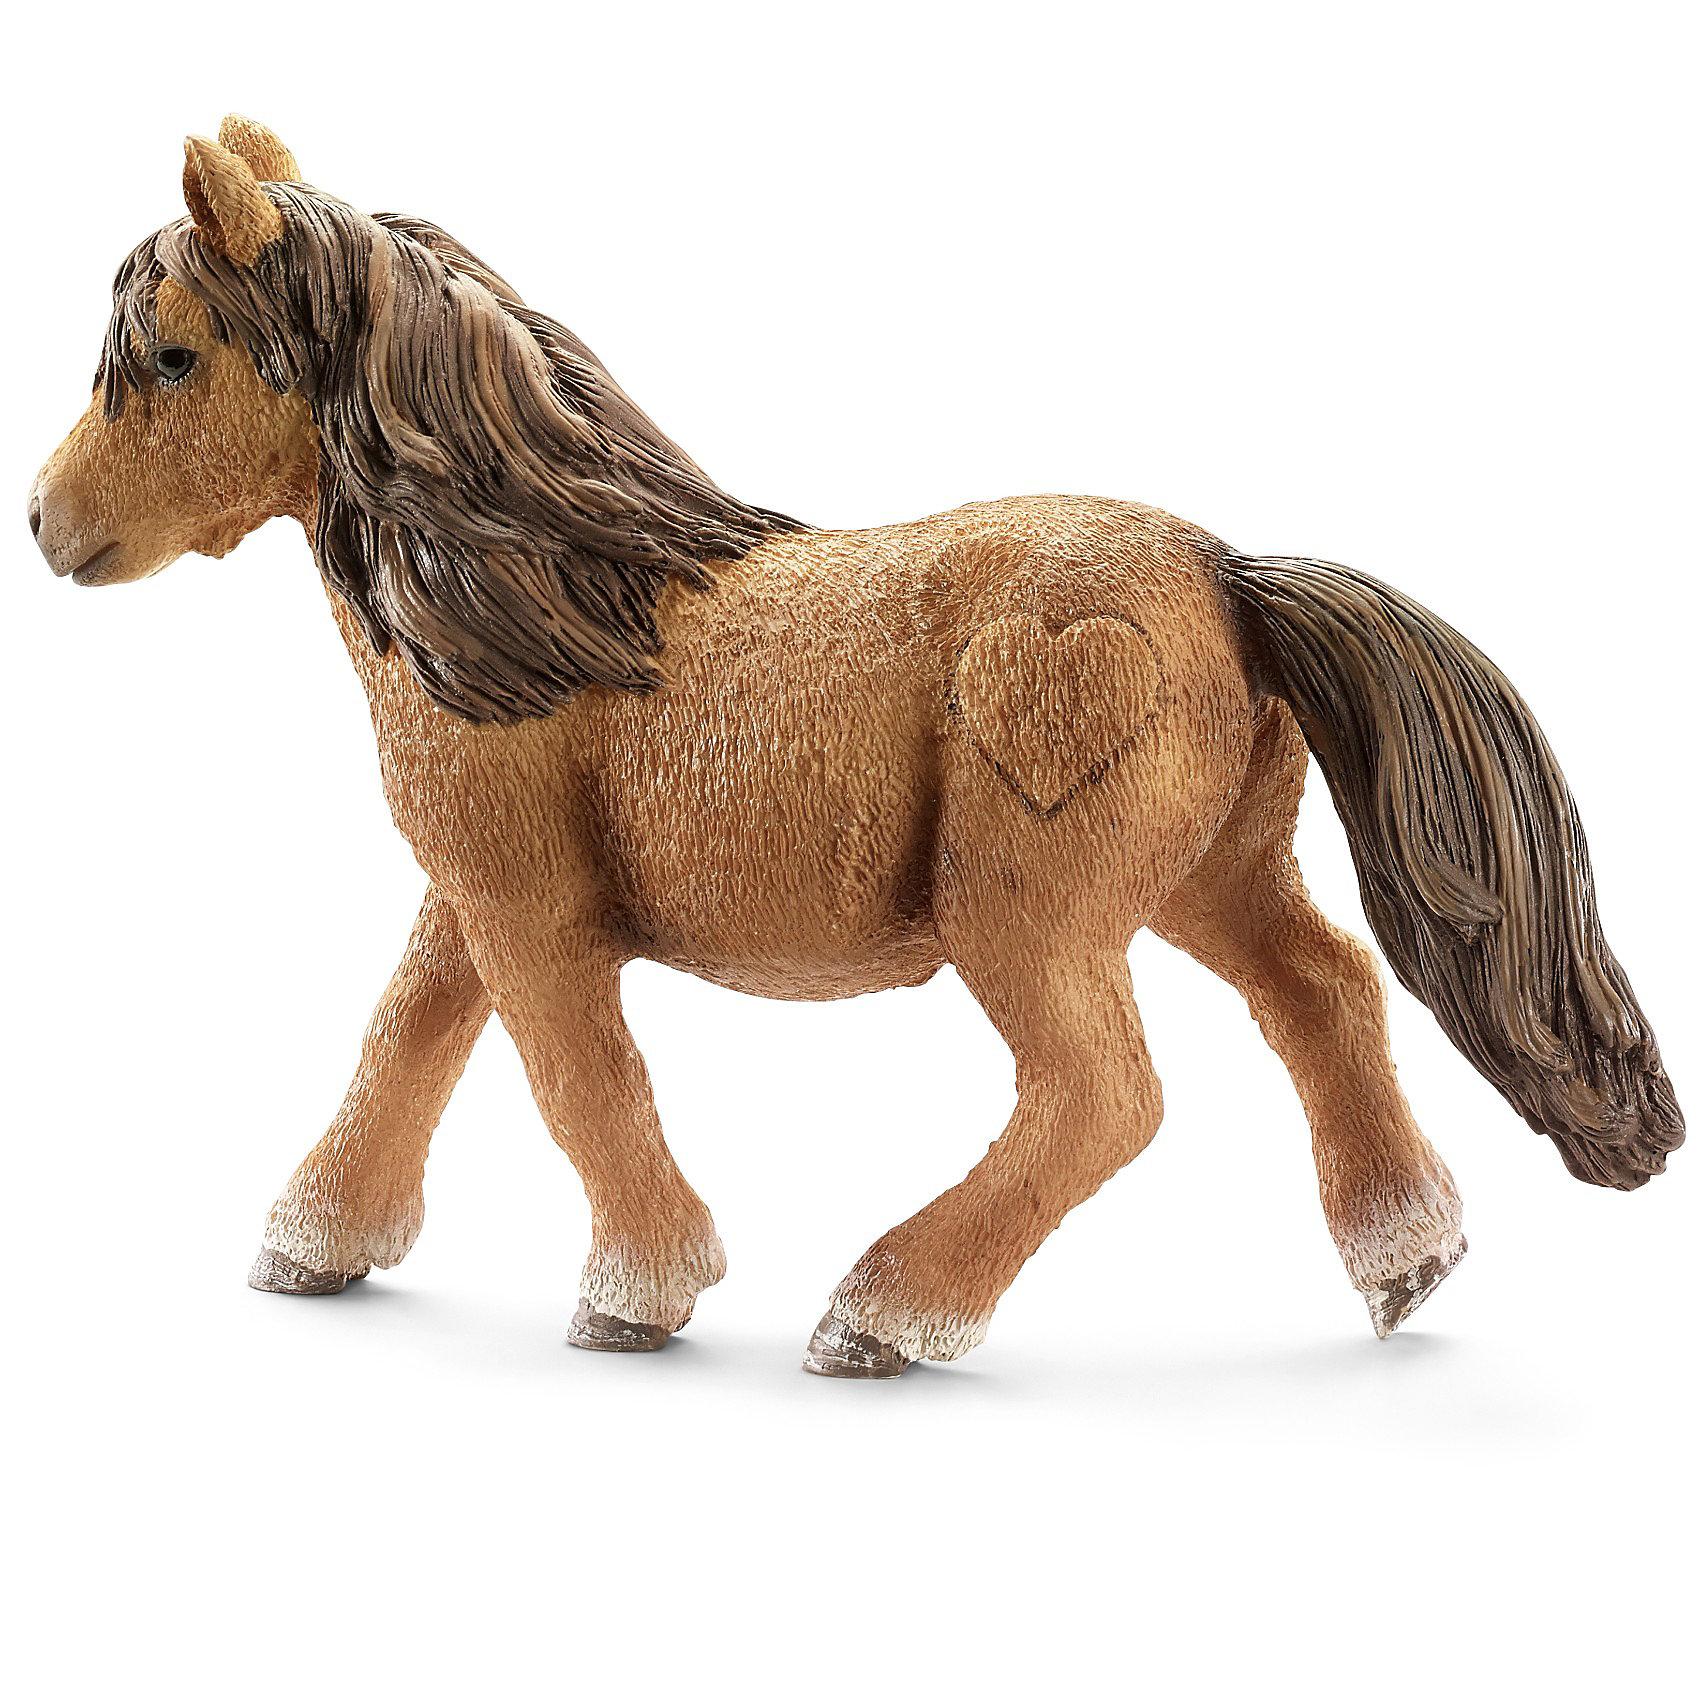 Шотландский пони, SchleichМир животных<br>Шотландский пони, Schleich (Шляйх) - коллекционная и игровая фигурка от немецкого производителя Schleich (Шляйх).<br>Фигурка очаровательного шотландского пони разнообразит игру вашего ребенка и станет прекрасным пополнением коллекции его фигурок лошадей. Шотландские пони очень выносливы и могут жить в суровых климатических условиях. Эту породу используют давно в сельском хозяйстве и в горнодобывающей промышленности. Сегодня эта порода лошадей используется для тренировок с детьми и взрослыми, они очень дружелюбны и приветливы. Все фигурки Schleich (Шляйх) сделаны из гипоаллергенных высокотехнологичных материалов, раскрашены вручную и не вызывают аллергии у ребенка. Прекрасно выполненные фигурки Schleich (Шляйх) отличаются высочайшим качеством игрушек ручной работы. Все они создаются при постоянном сотрудничестве с Берлинским зоопарком, а потому, являются максимально точной копией настоящих животных. Каждая фигурка разработана с учетом исследований в области педагогики и производится как настоящее произведение для маленьких детских ручек.<br><br>Дополнительная информация:<br><br>-Размер фигурки: 2,5 x 9,9 x 7,1 см.<br>-Вес фигурки: 59 грамм<br>-Материал: каучуковый пластик<br><br>Шотландский пони, Schleich (Шляйх) - ваш ребенок будет наслаждаться игрой с новой восхитительной фигуркой.<br><br>Фигурку Шотландского пони, Schleich (Шляйх) можно купить в нашем интернет-магазине.<br><br>Ширина мм: 100<br>Глубина мм: 101<br>Высота мм: 22<br>Вес г: 55<br>Возраст от месяцев: 36<br>Возраст до месяцев: 96<br>Пол: Женский<br>Возраст: Детский<br>SKU: 3443120